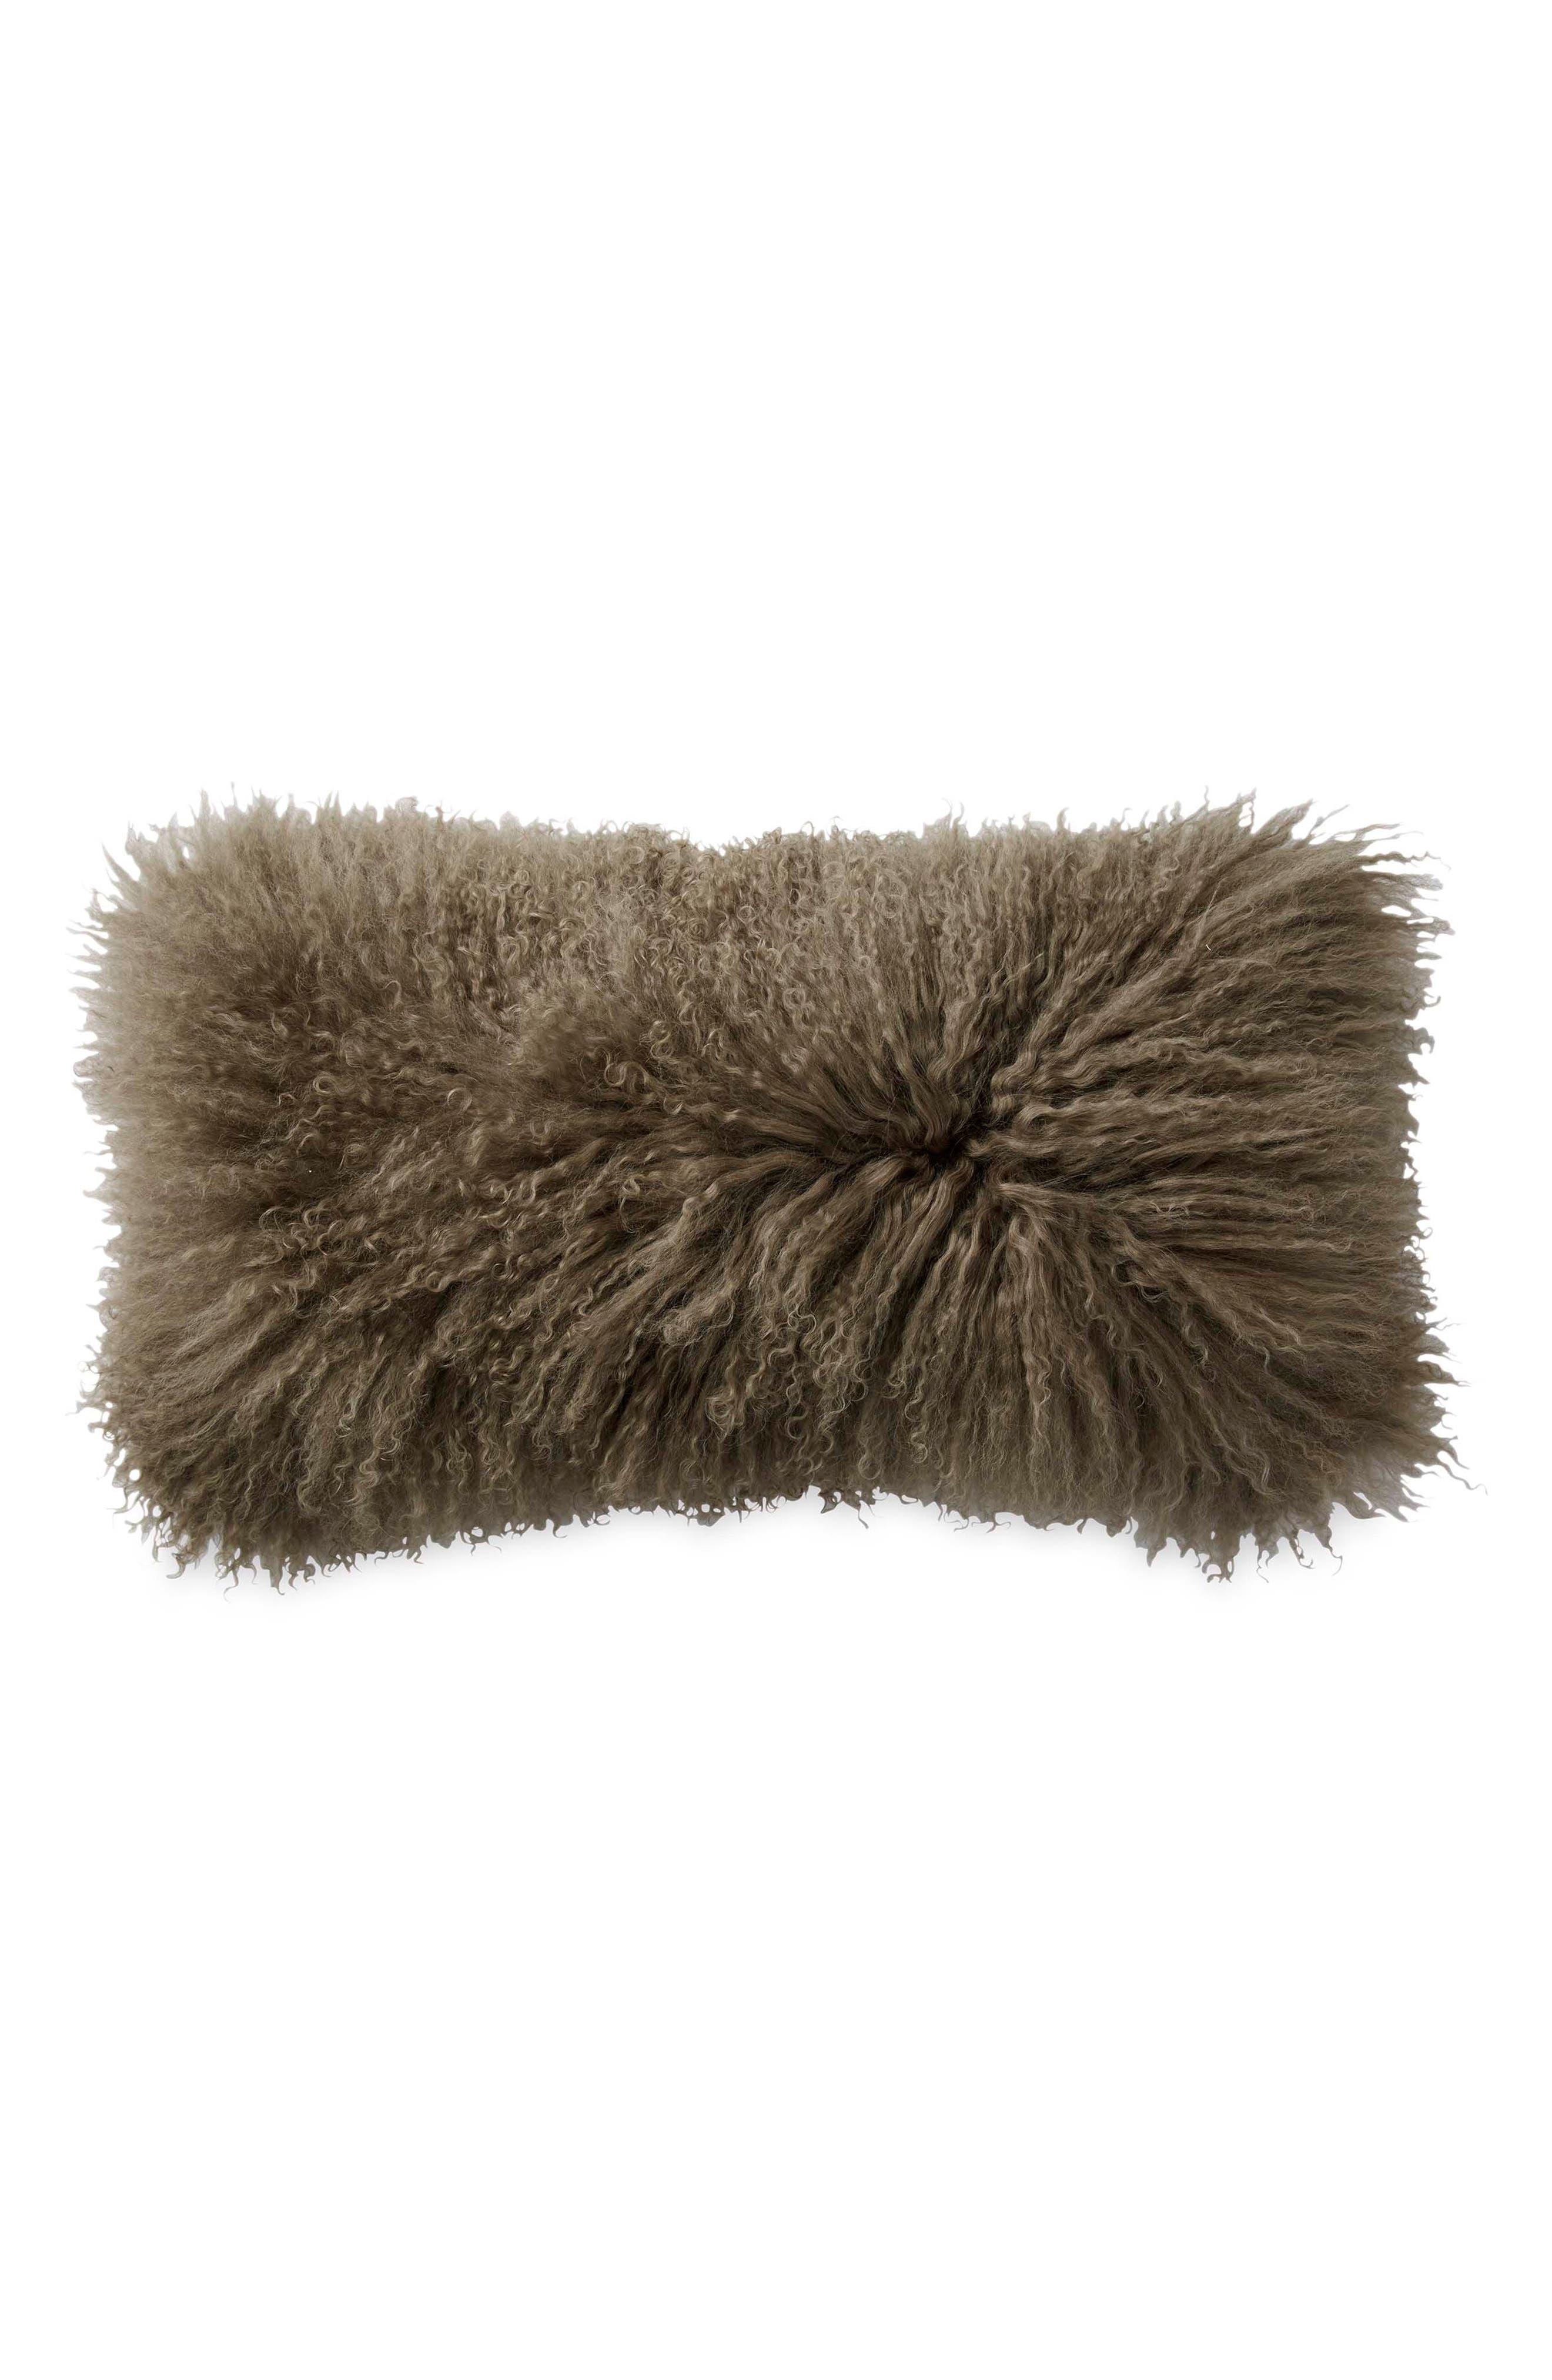 Donna Karan New York Exhale Flokati Fur Pillow